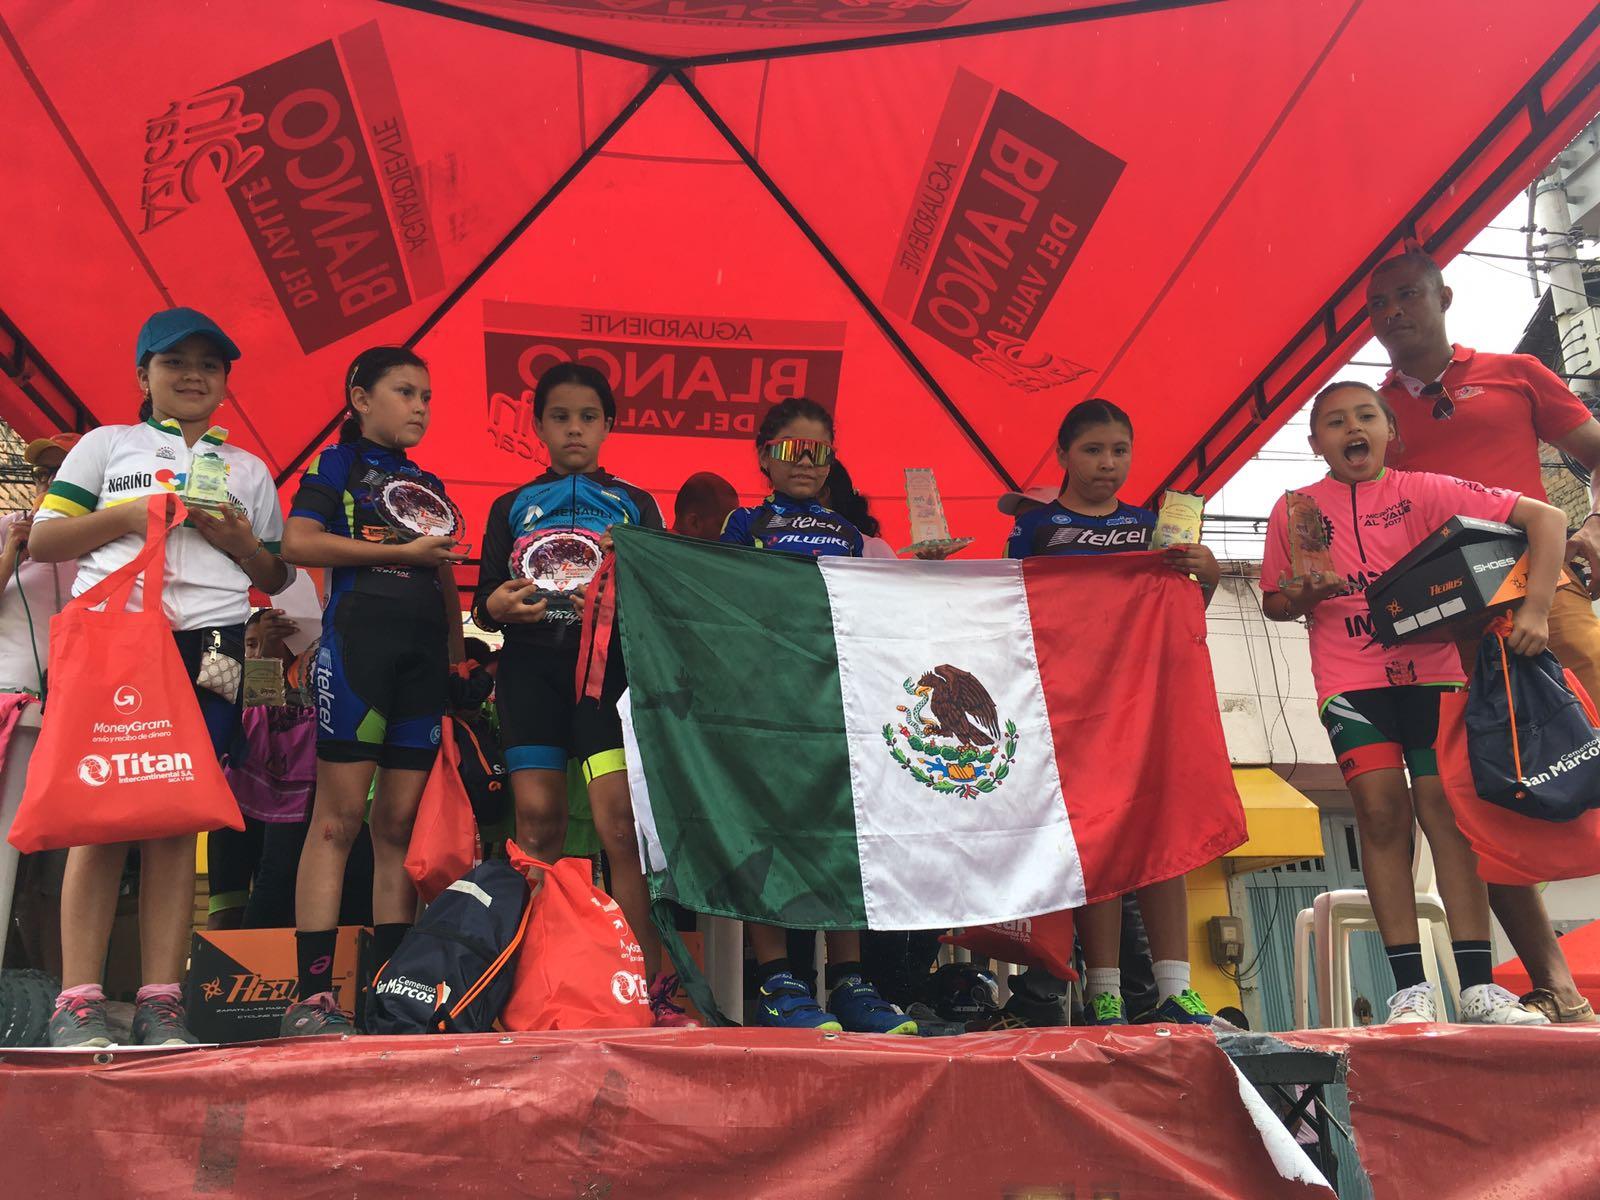 Oaxaqueña compite con los mejores en Colombia | El Imparcial de Oaxaca